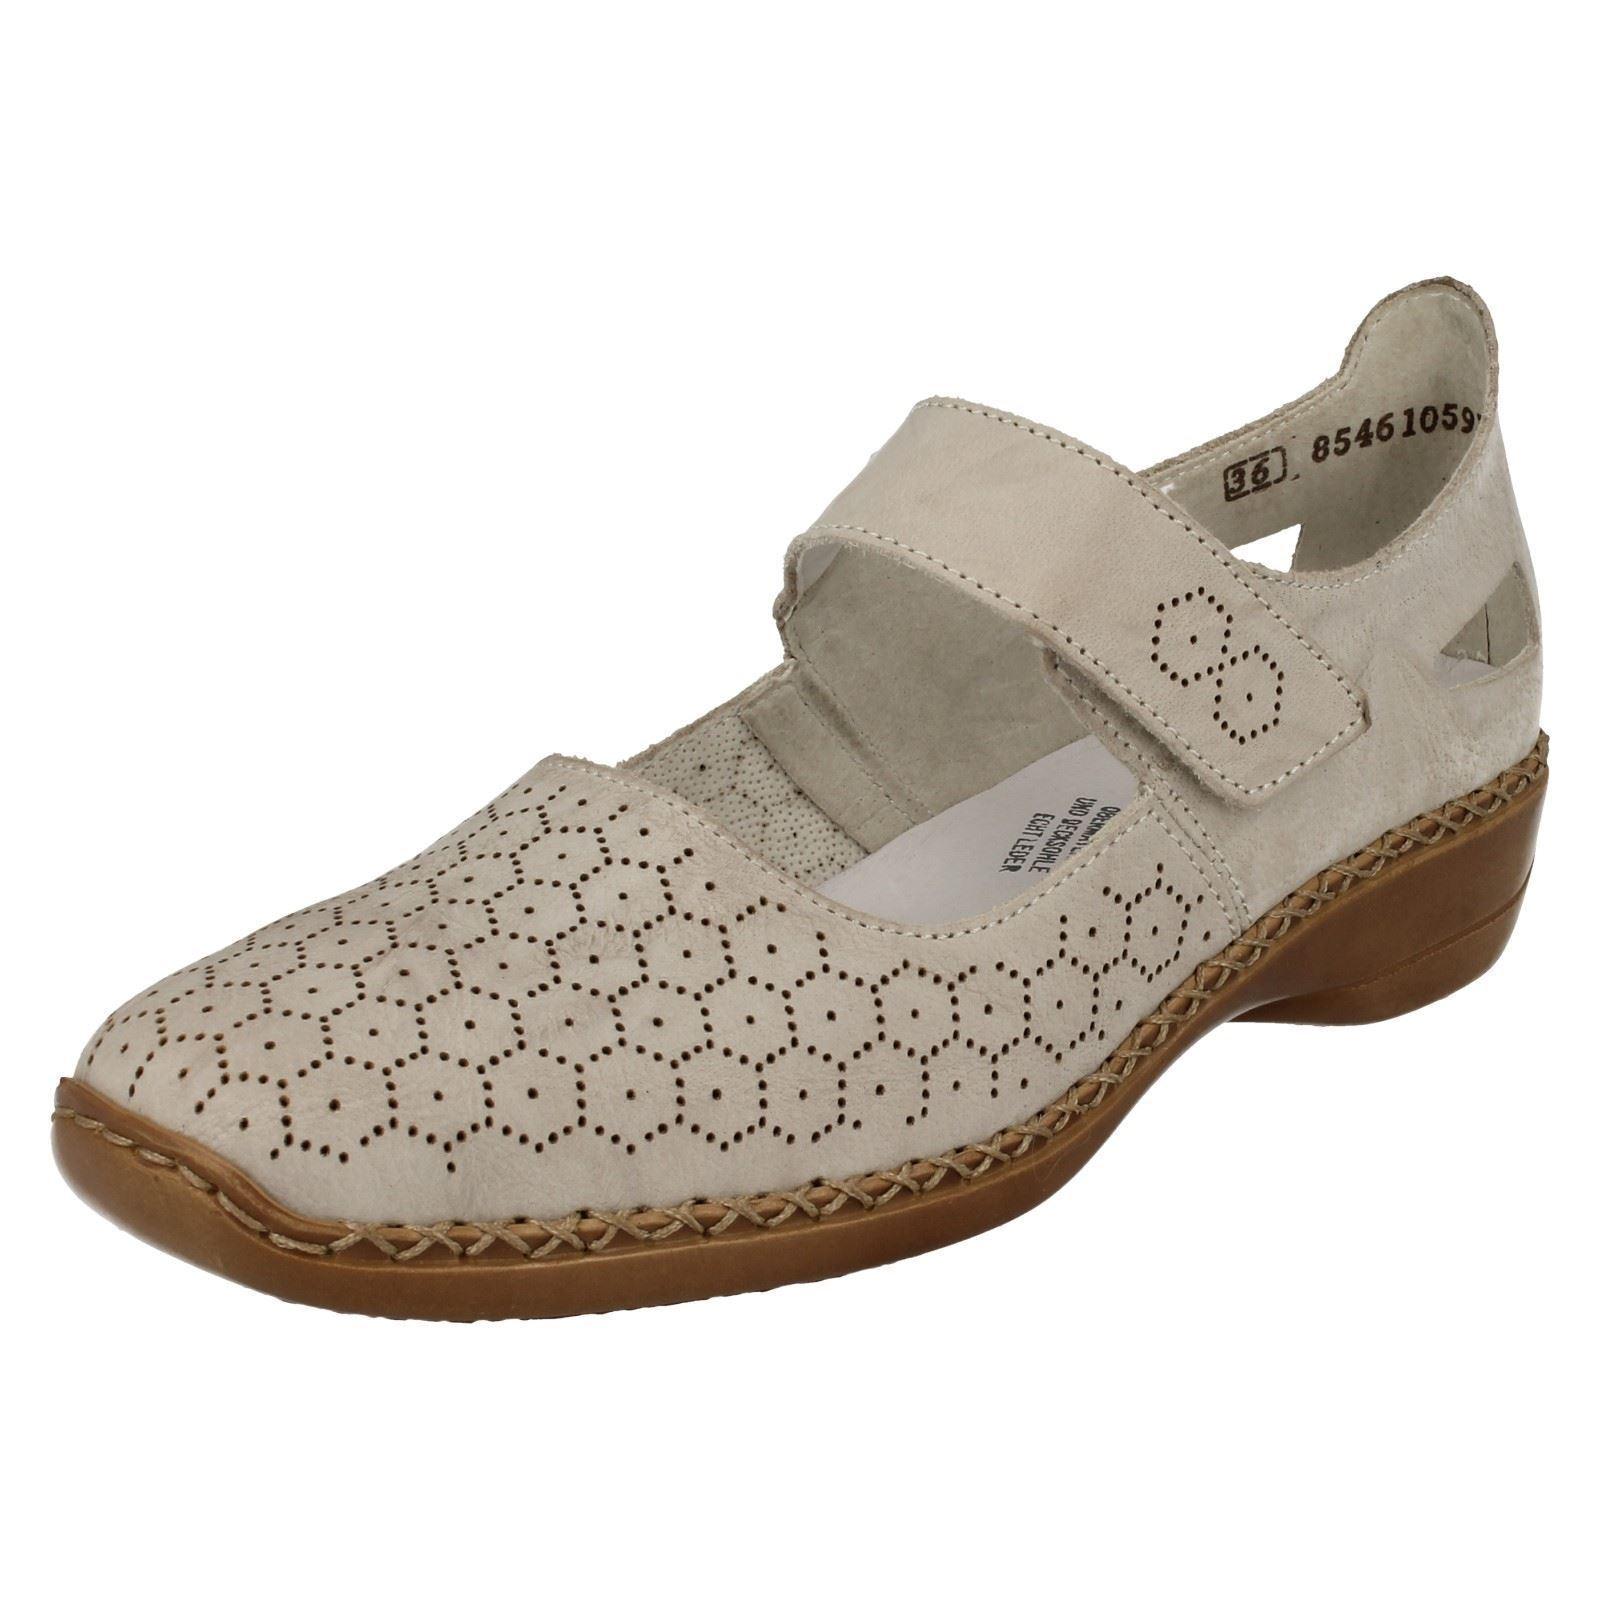 Moda barata y hermosa Descuento por tiempo limitado Ladies Rieker 41357 Beige Leather Casual Mary Jane Strap Shoes